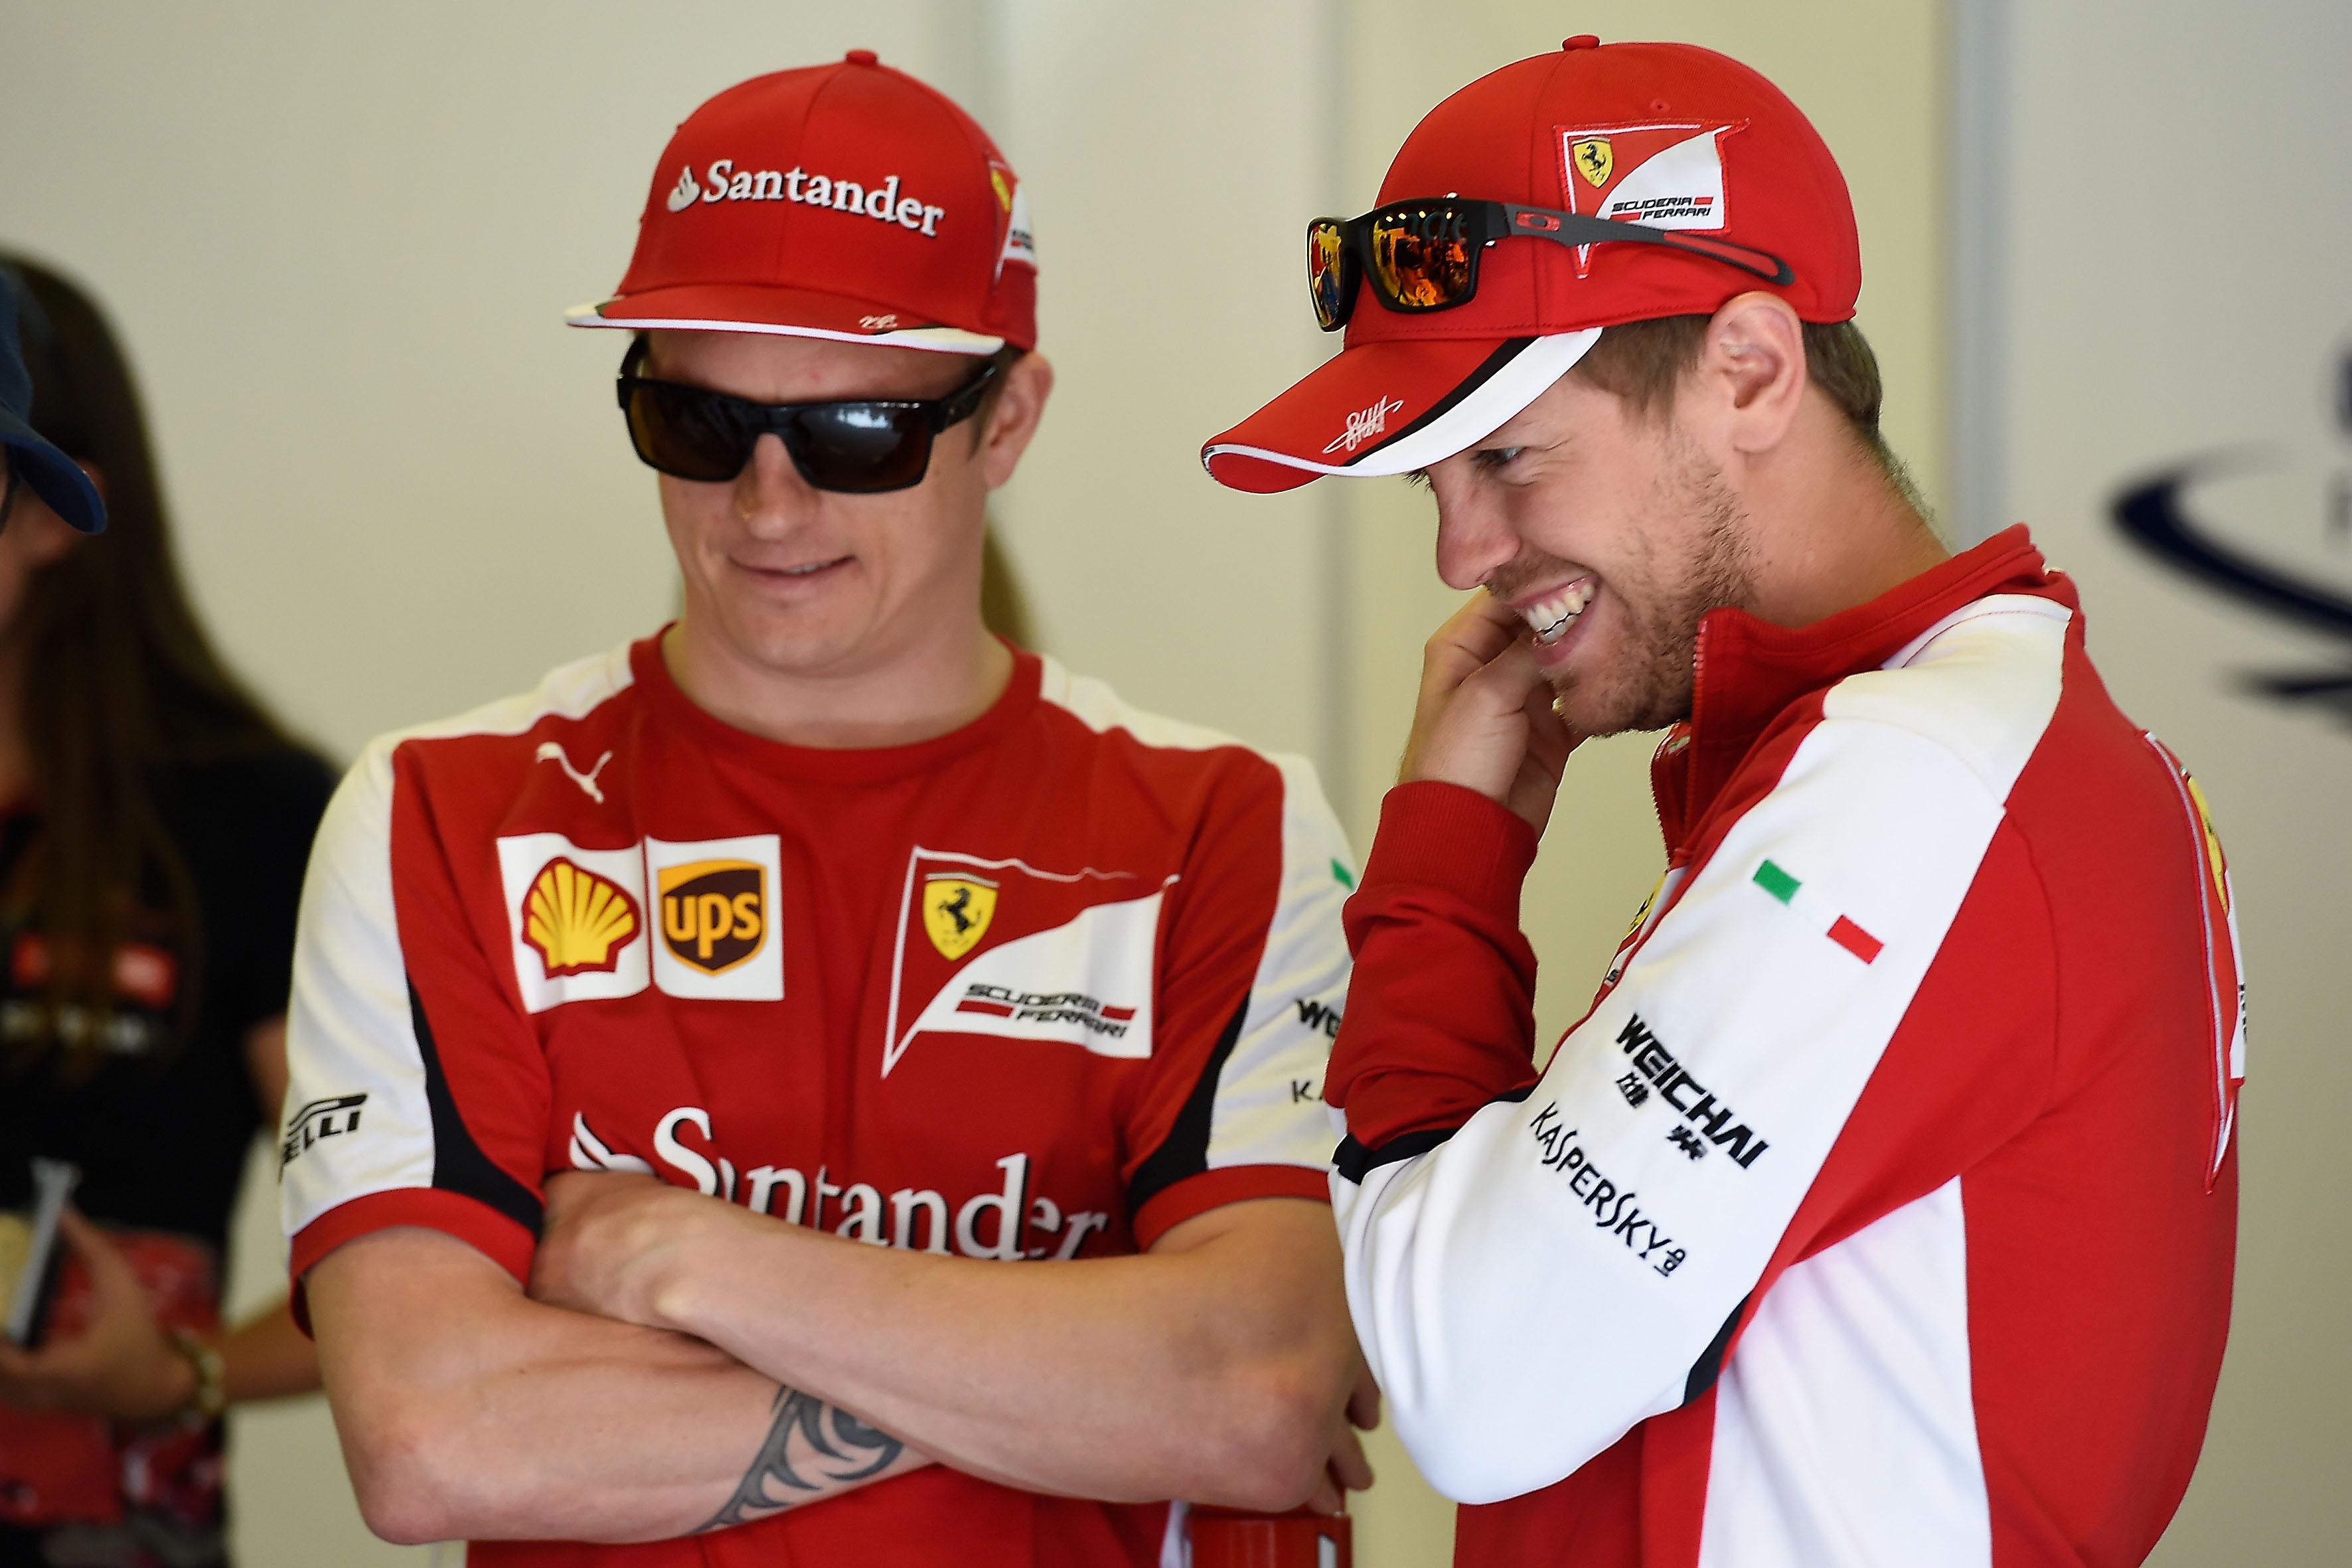 Spagna: per la Ferrari un passo avanti, ma non un salto